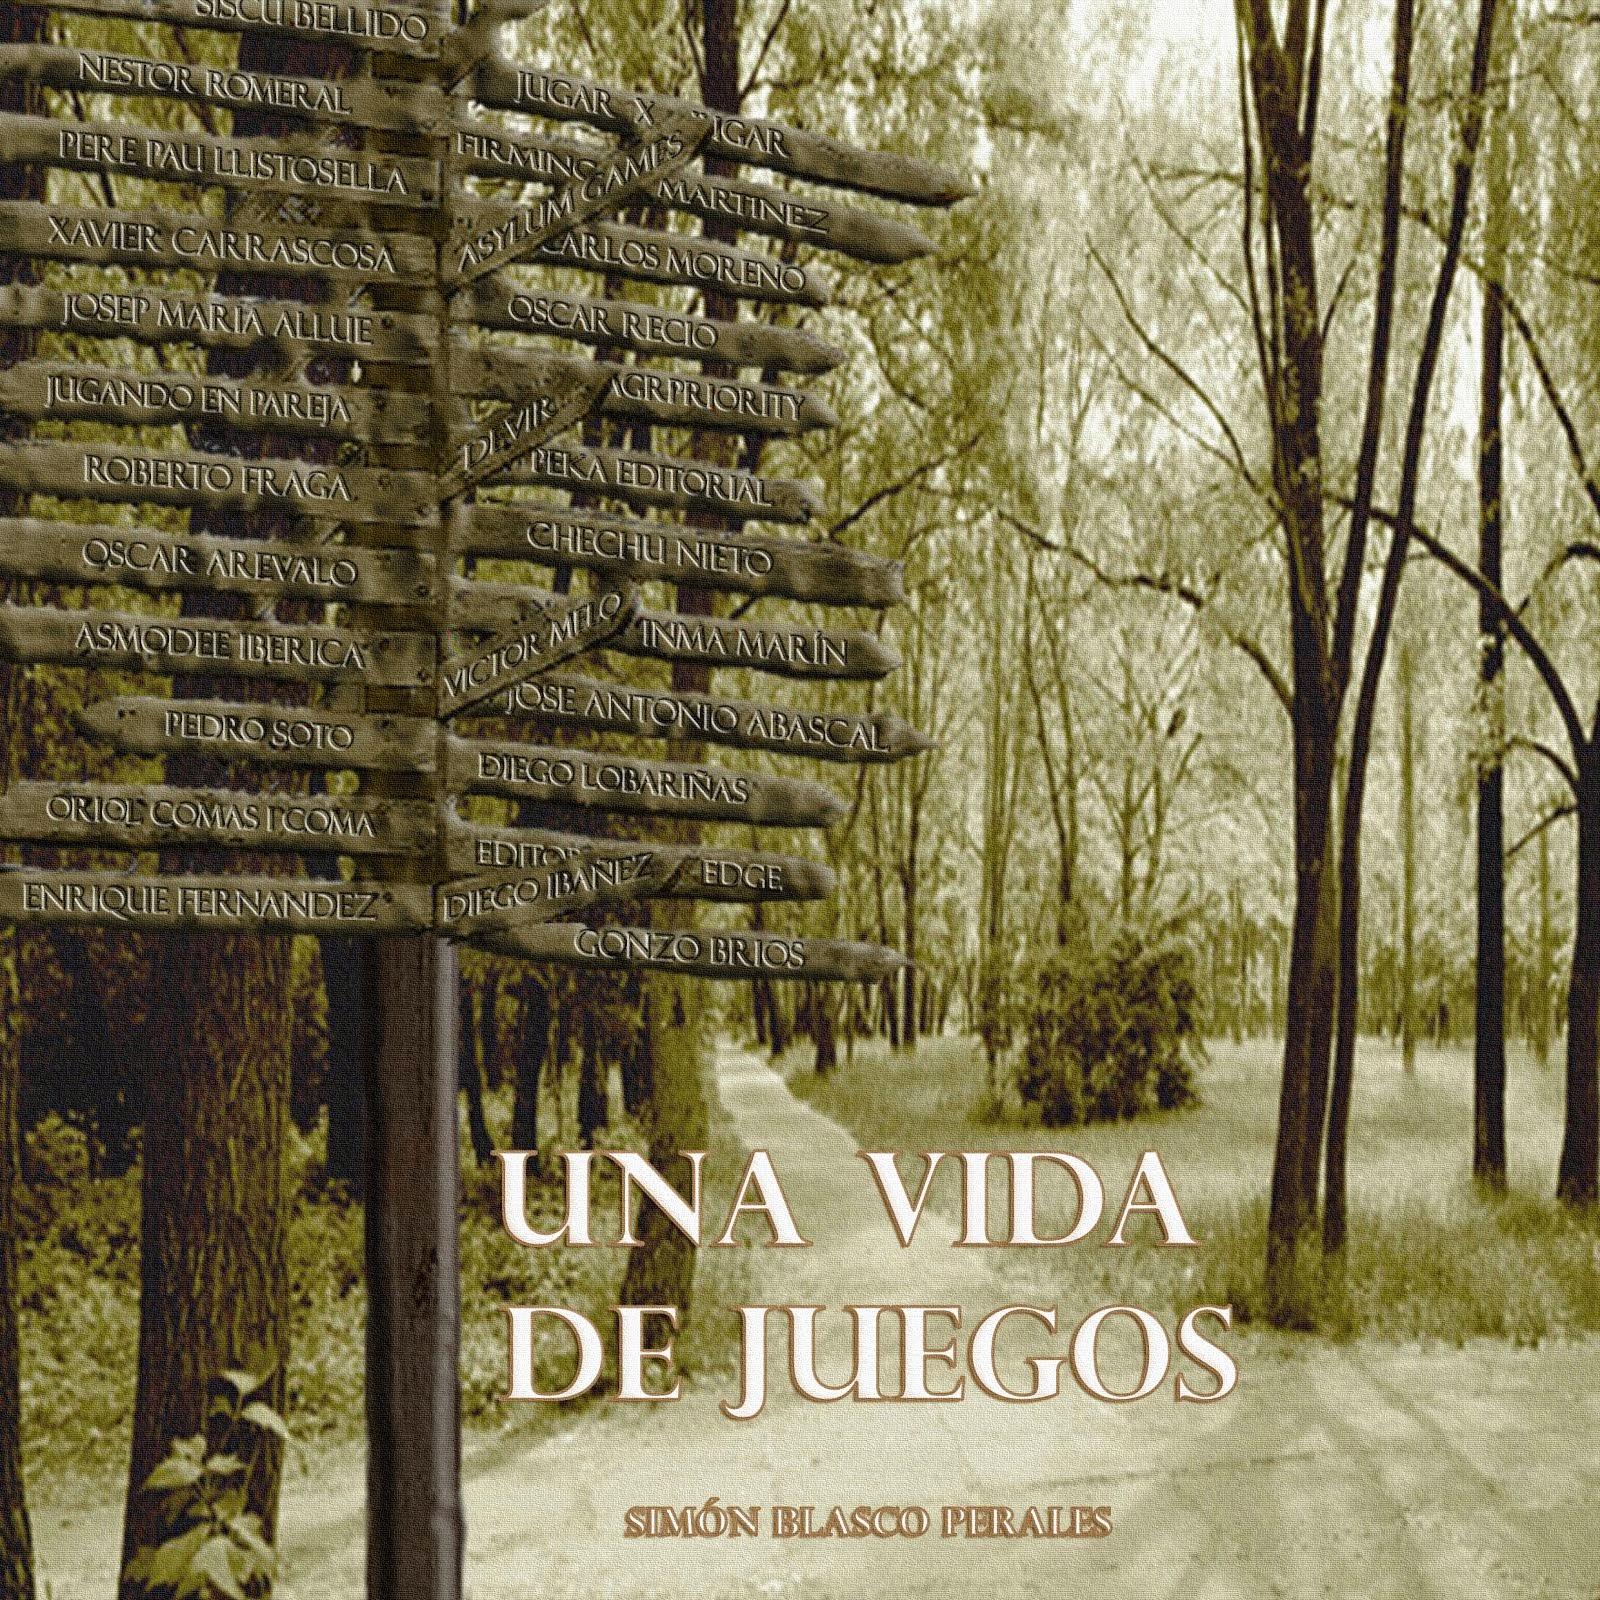 Nuestro primer libro como editorial.  Conoce el estado actual del juego de mesa en España